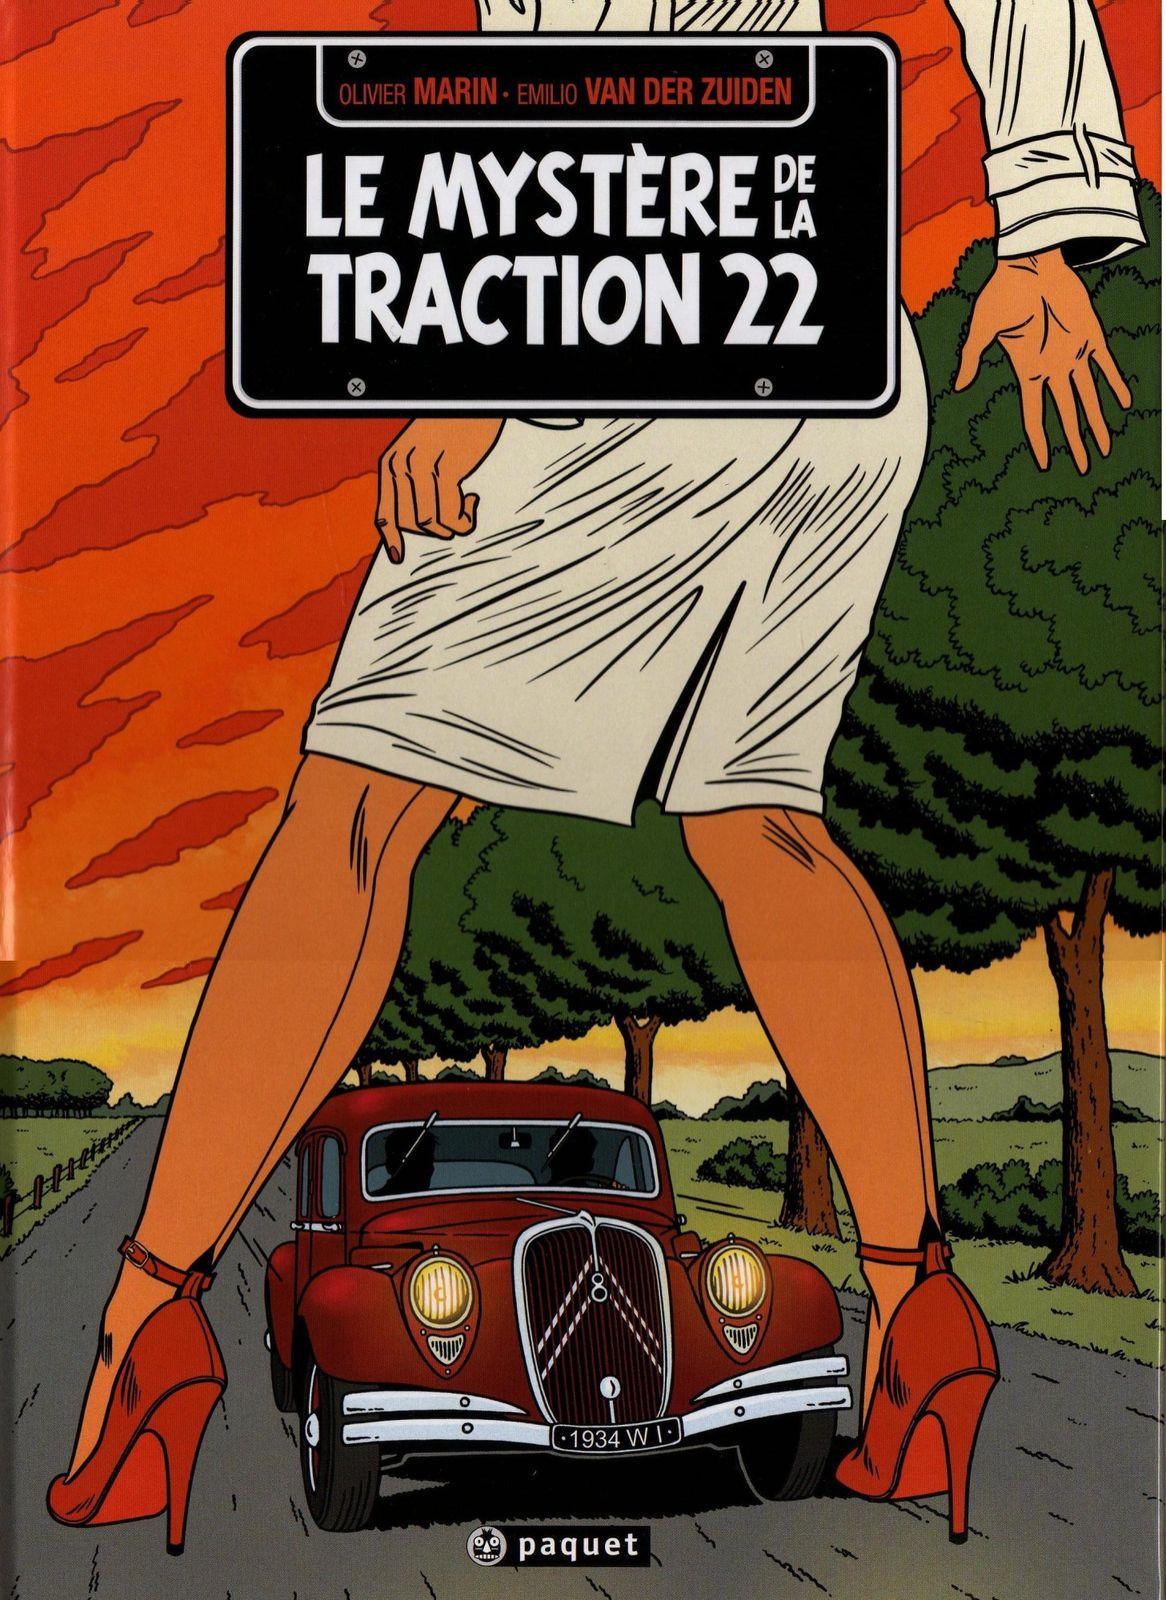 [Librairie] Livres, BD et autres dédiés à l'automobile Myst-re-Traction-22-1